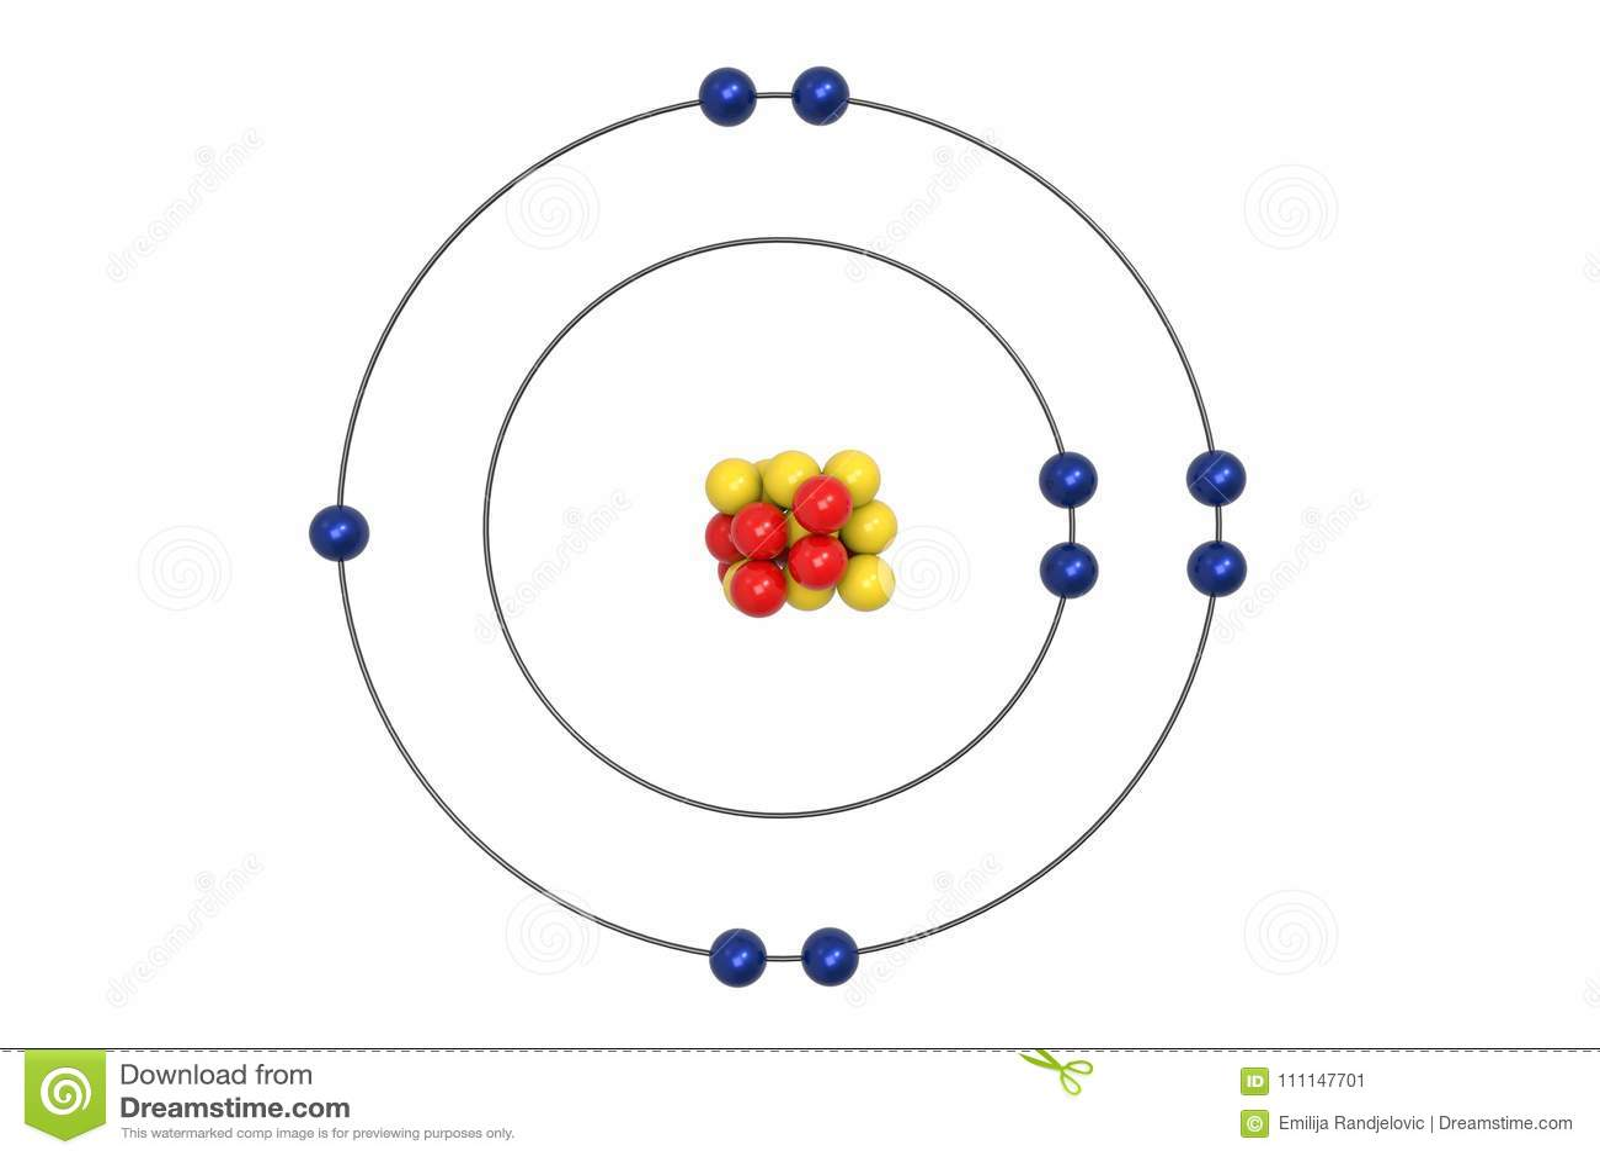 neutron diagram